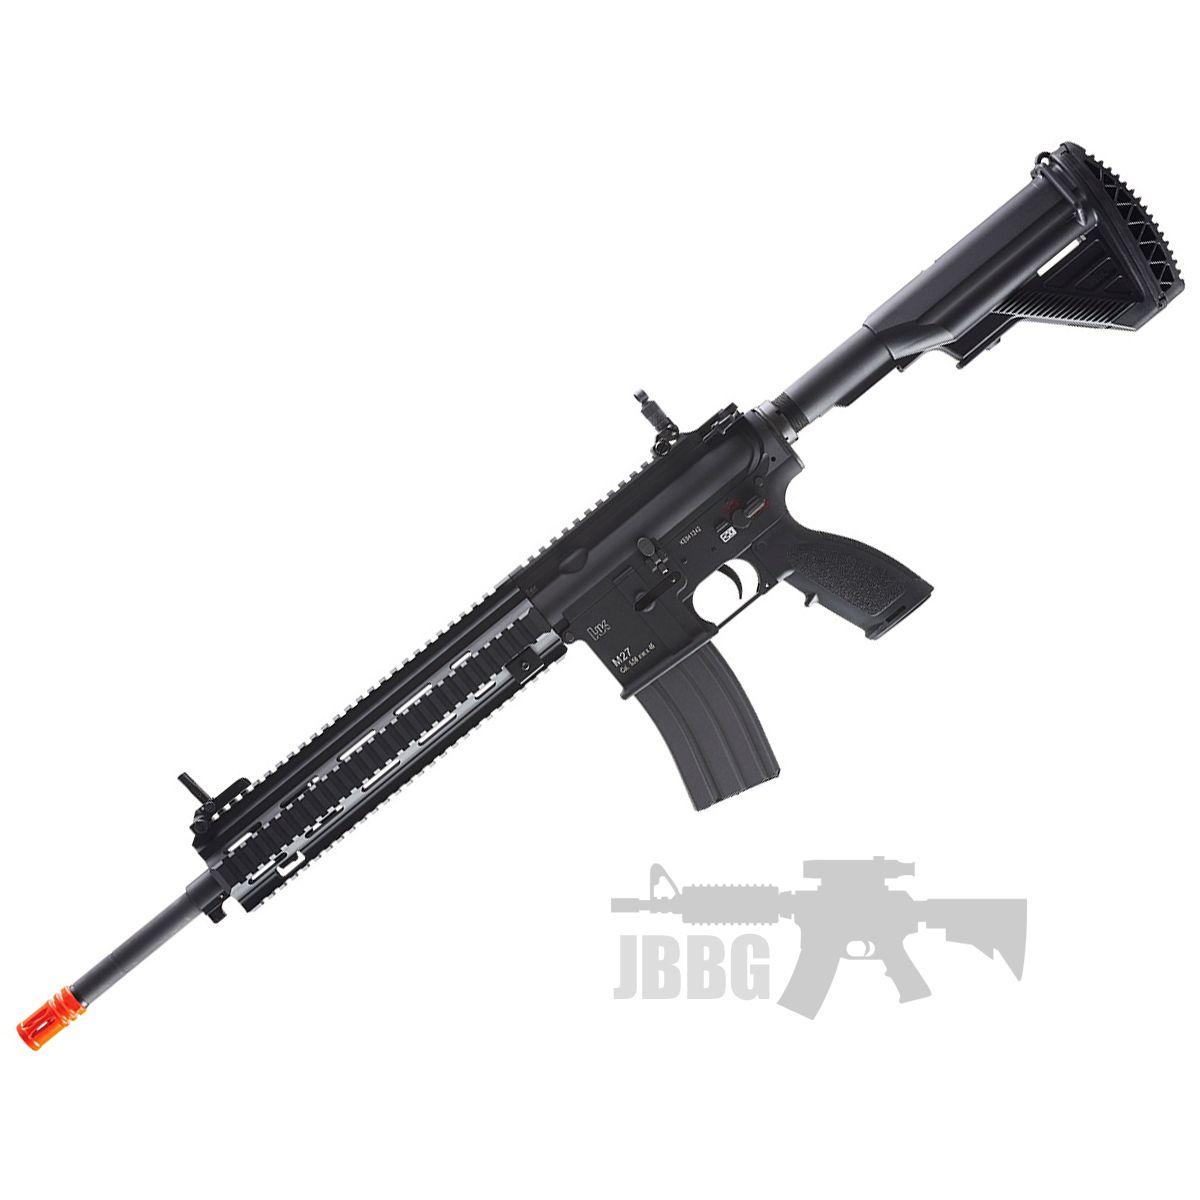 VFC H&K M27 IAR Full Metal Airsoft Rifle